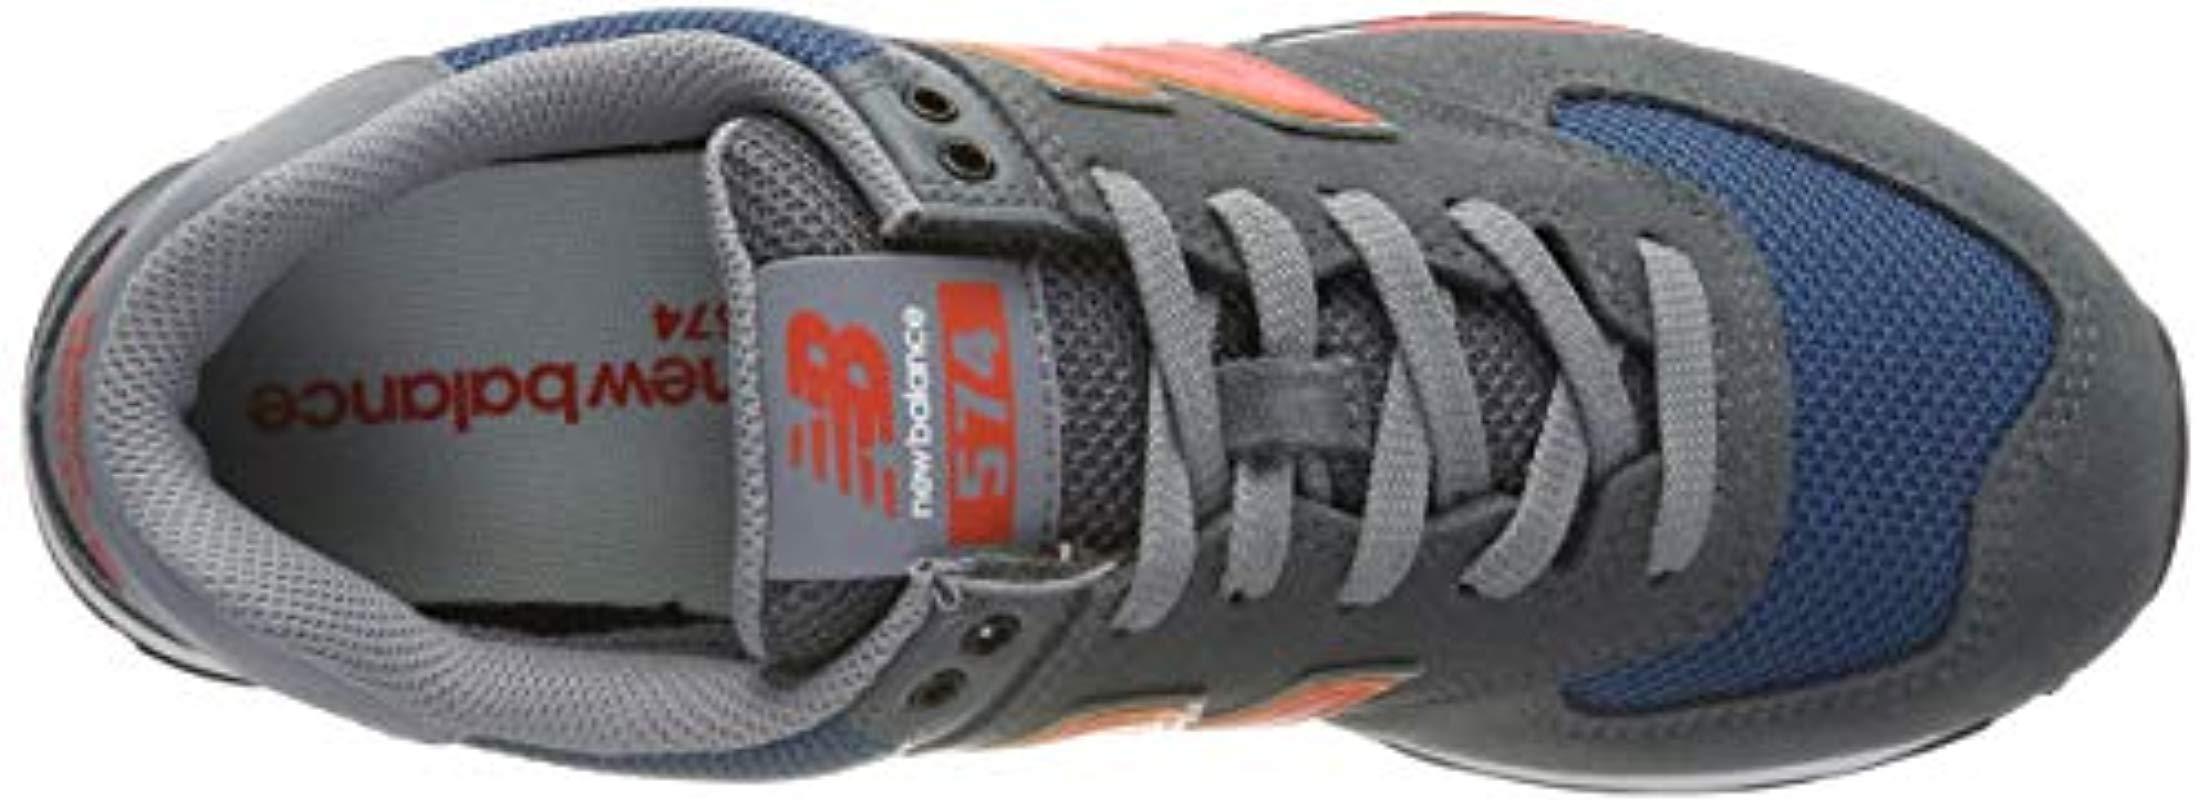 574v2 baskets homme new balance